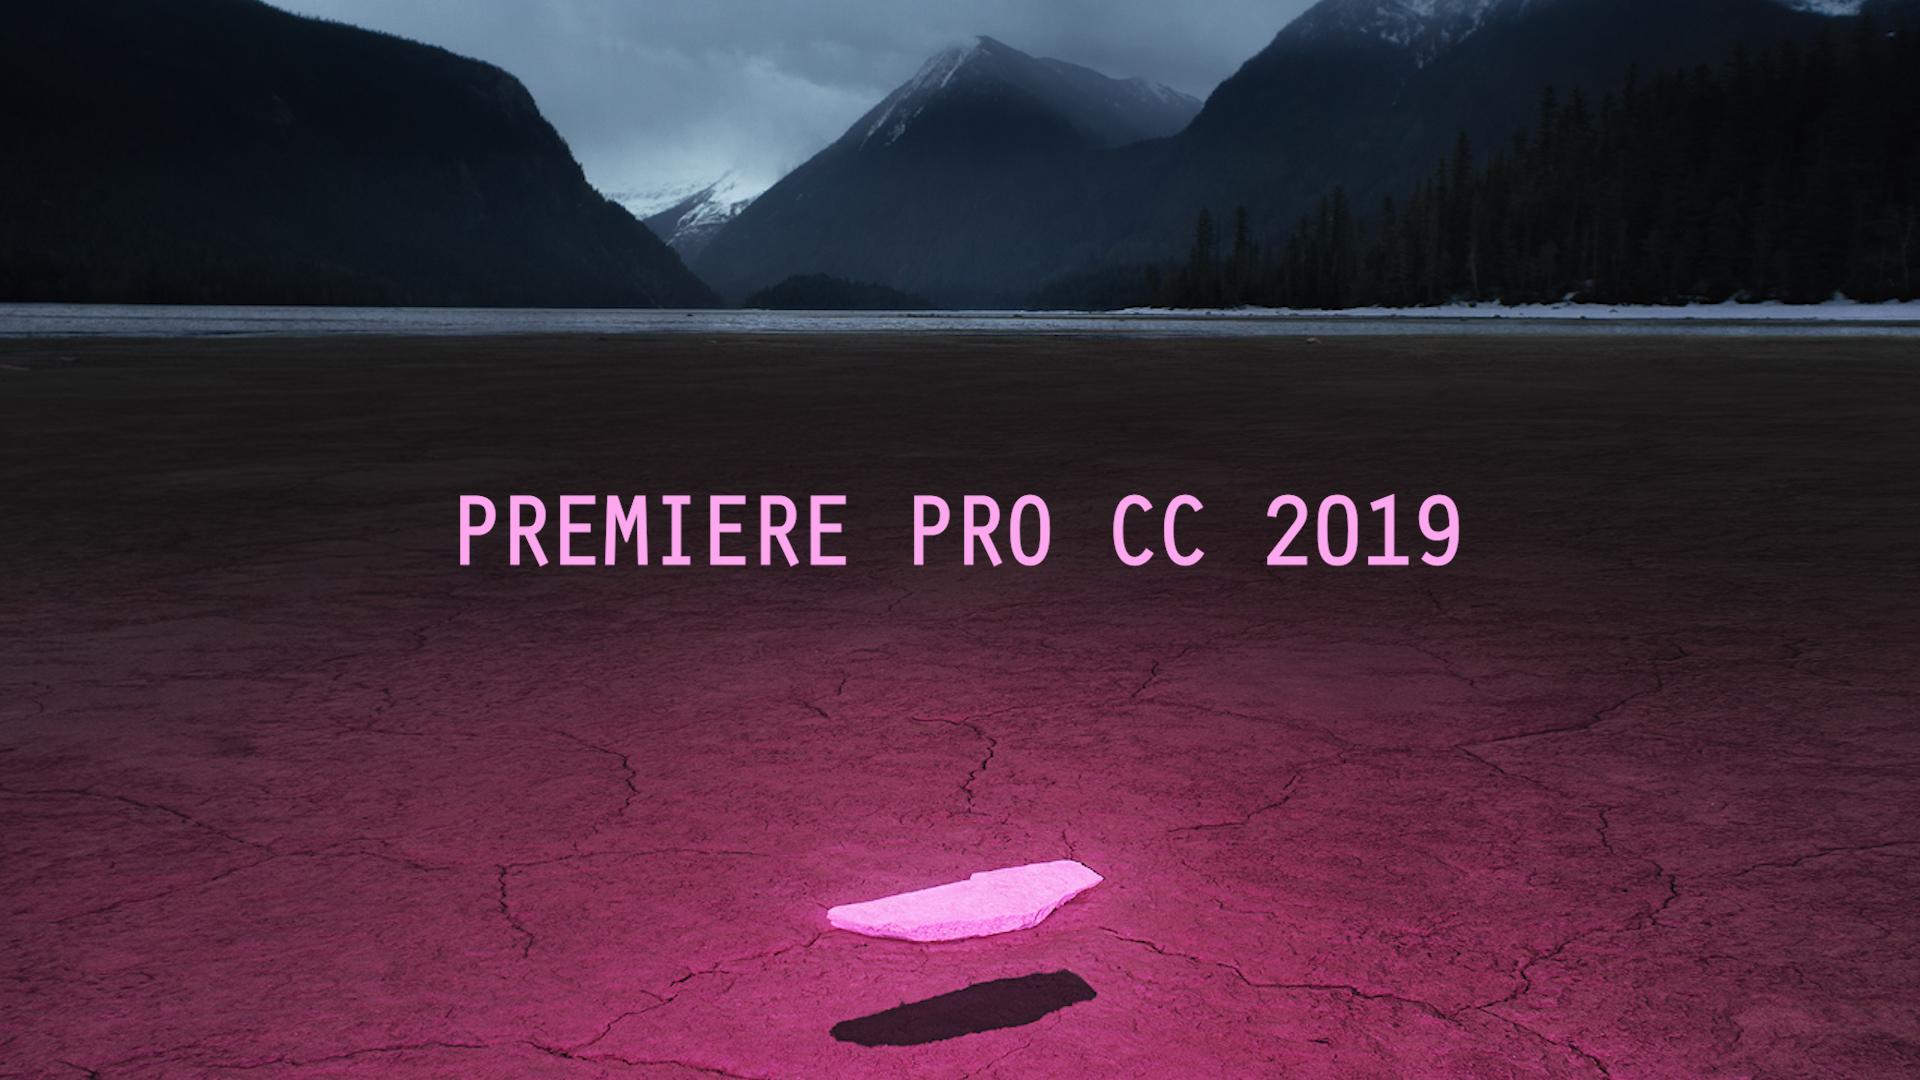 Adobe Drops Premiere Pro Cc 2019 13 0 Premiere Bro